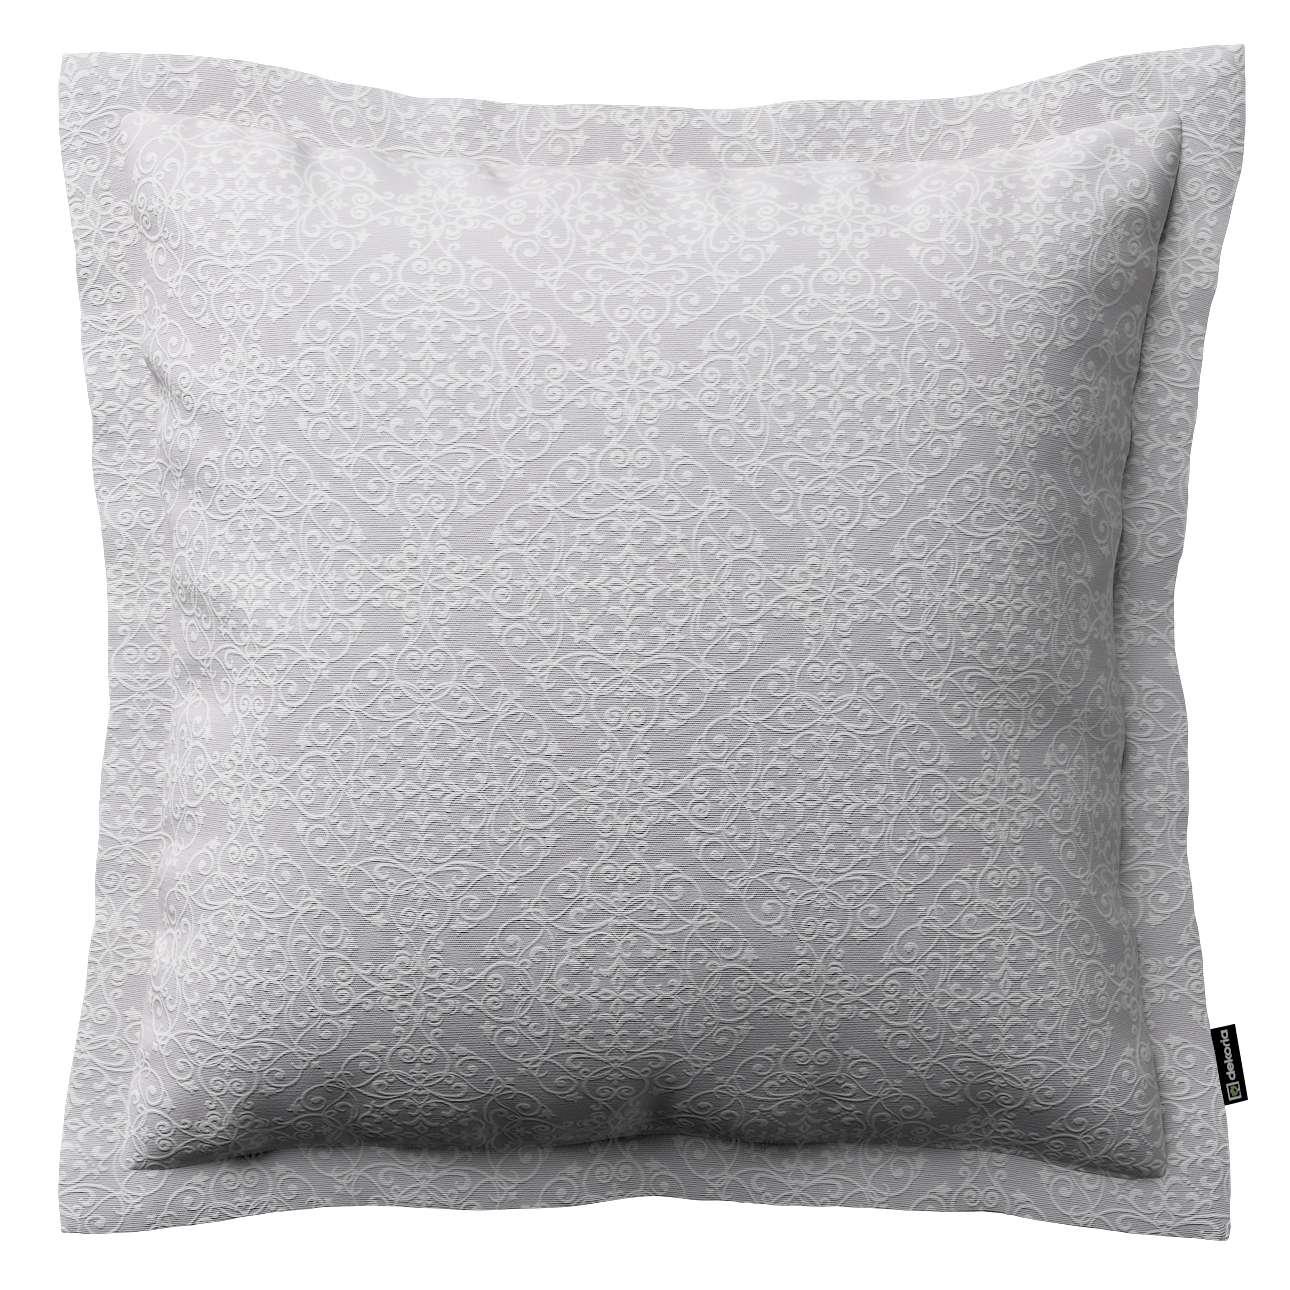 Mona dekoratyvinių pagalvėlių užvalkalas su sienele 38 x 38 cm kolekcijoje Flowers, audinys: 140-38